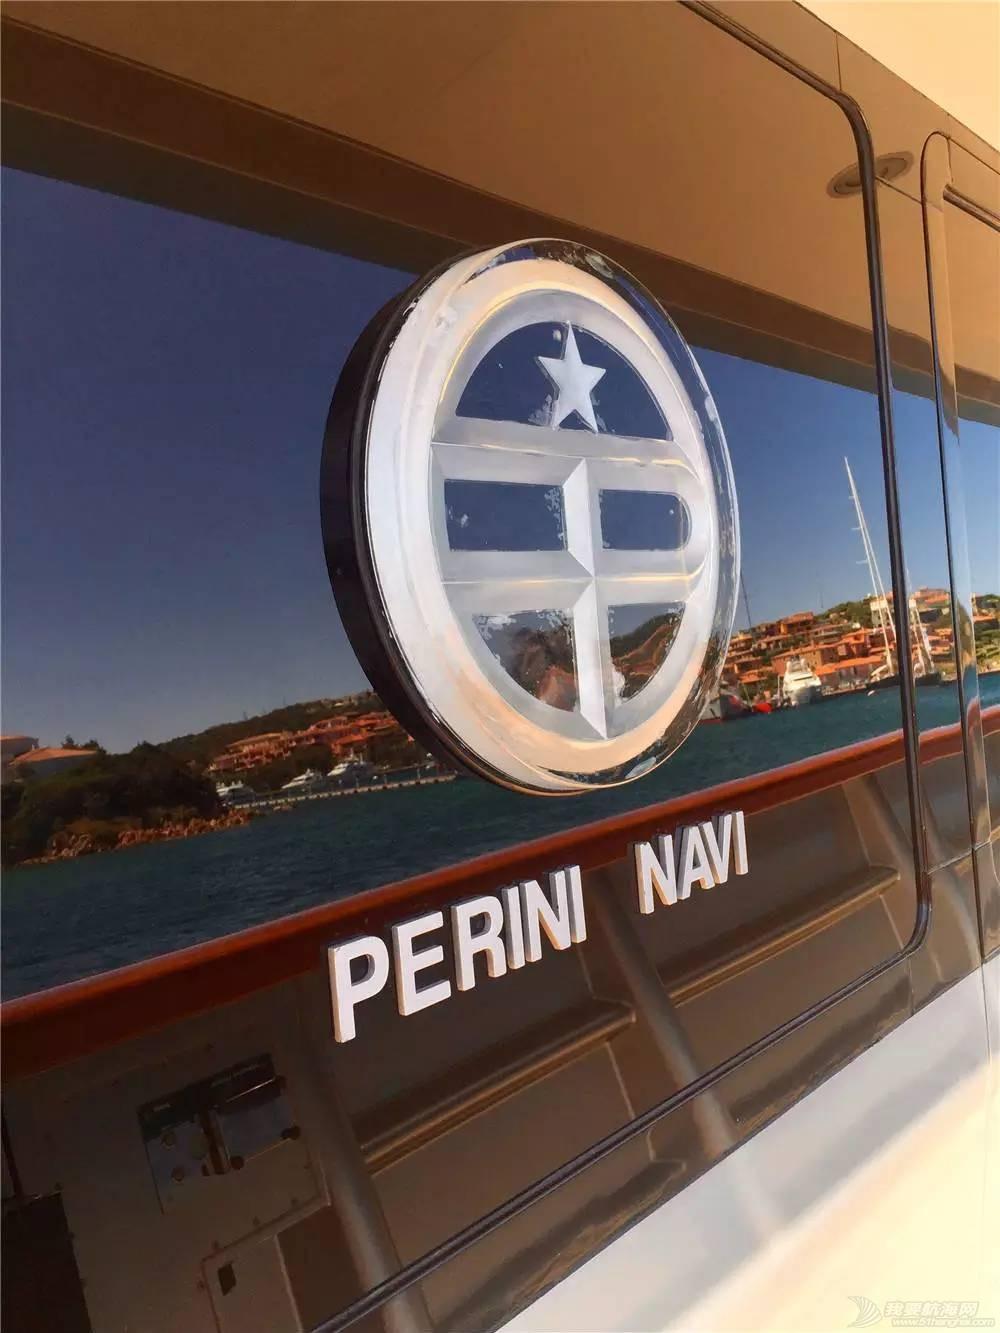 北京时间,意大利,撒丁岛,马耳他,总经理 佩里尼超级大帆船赛亚洲第一人----李剑 3569efb8cedd6da359b51f342c444466.jpg